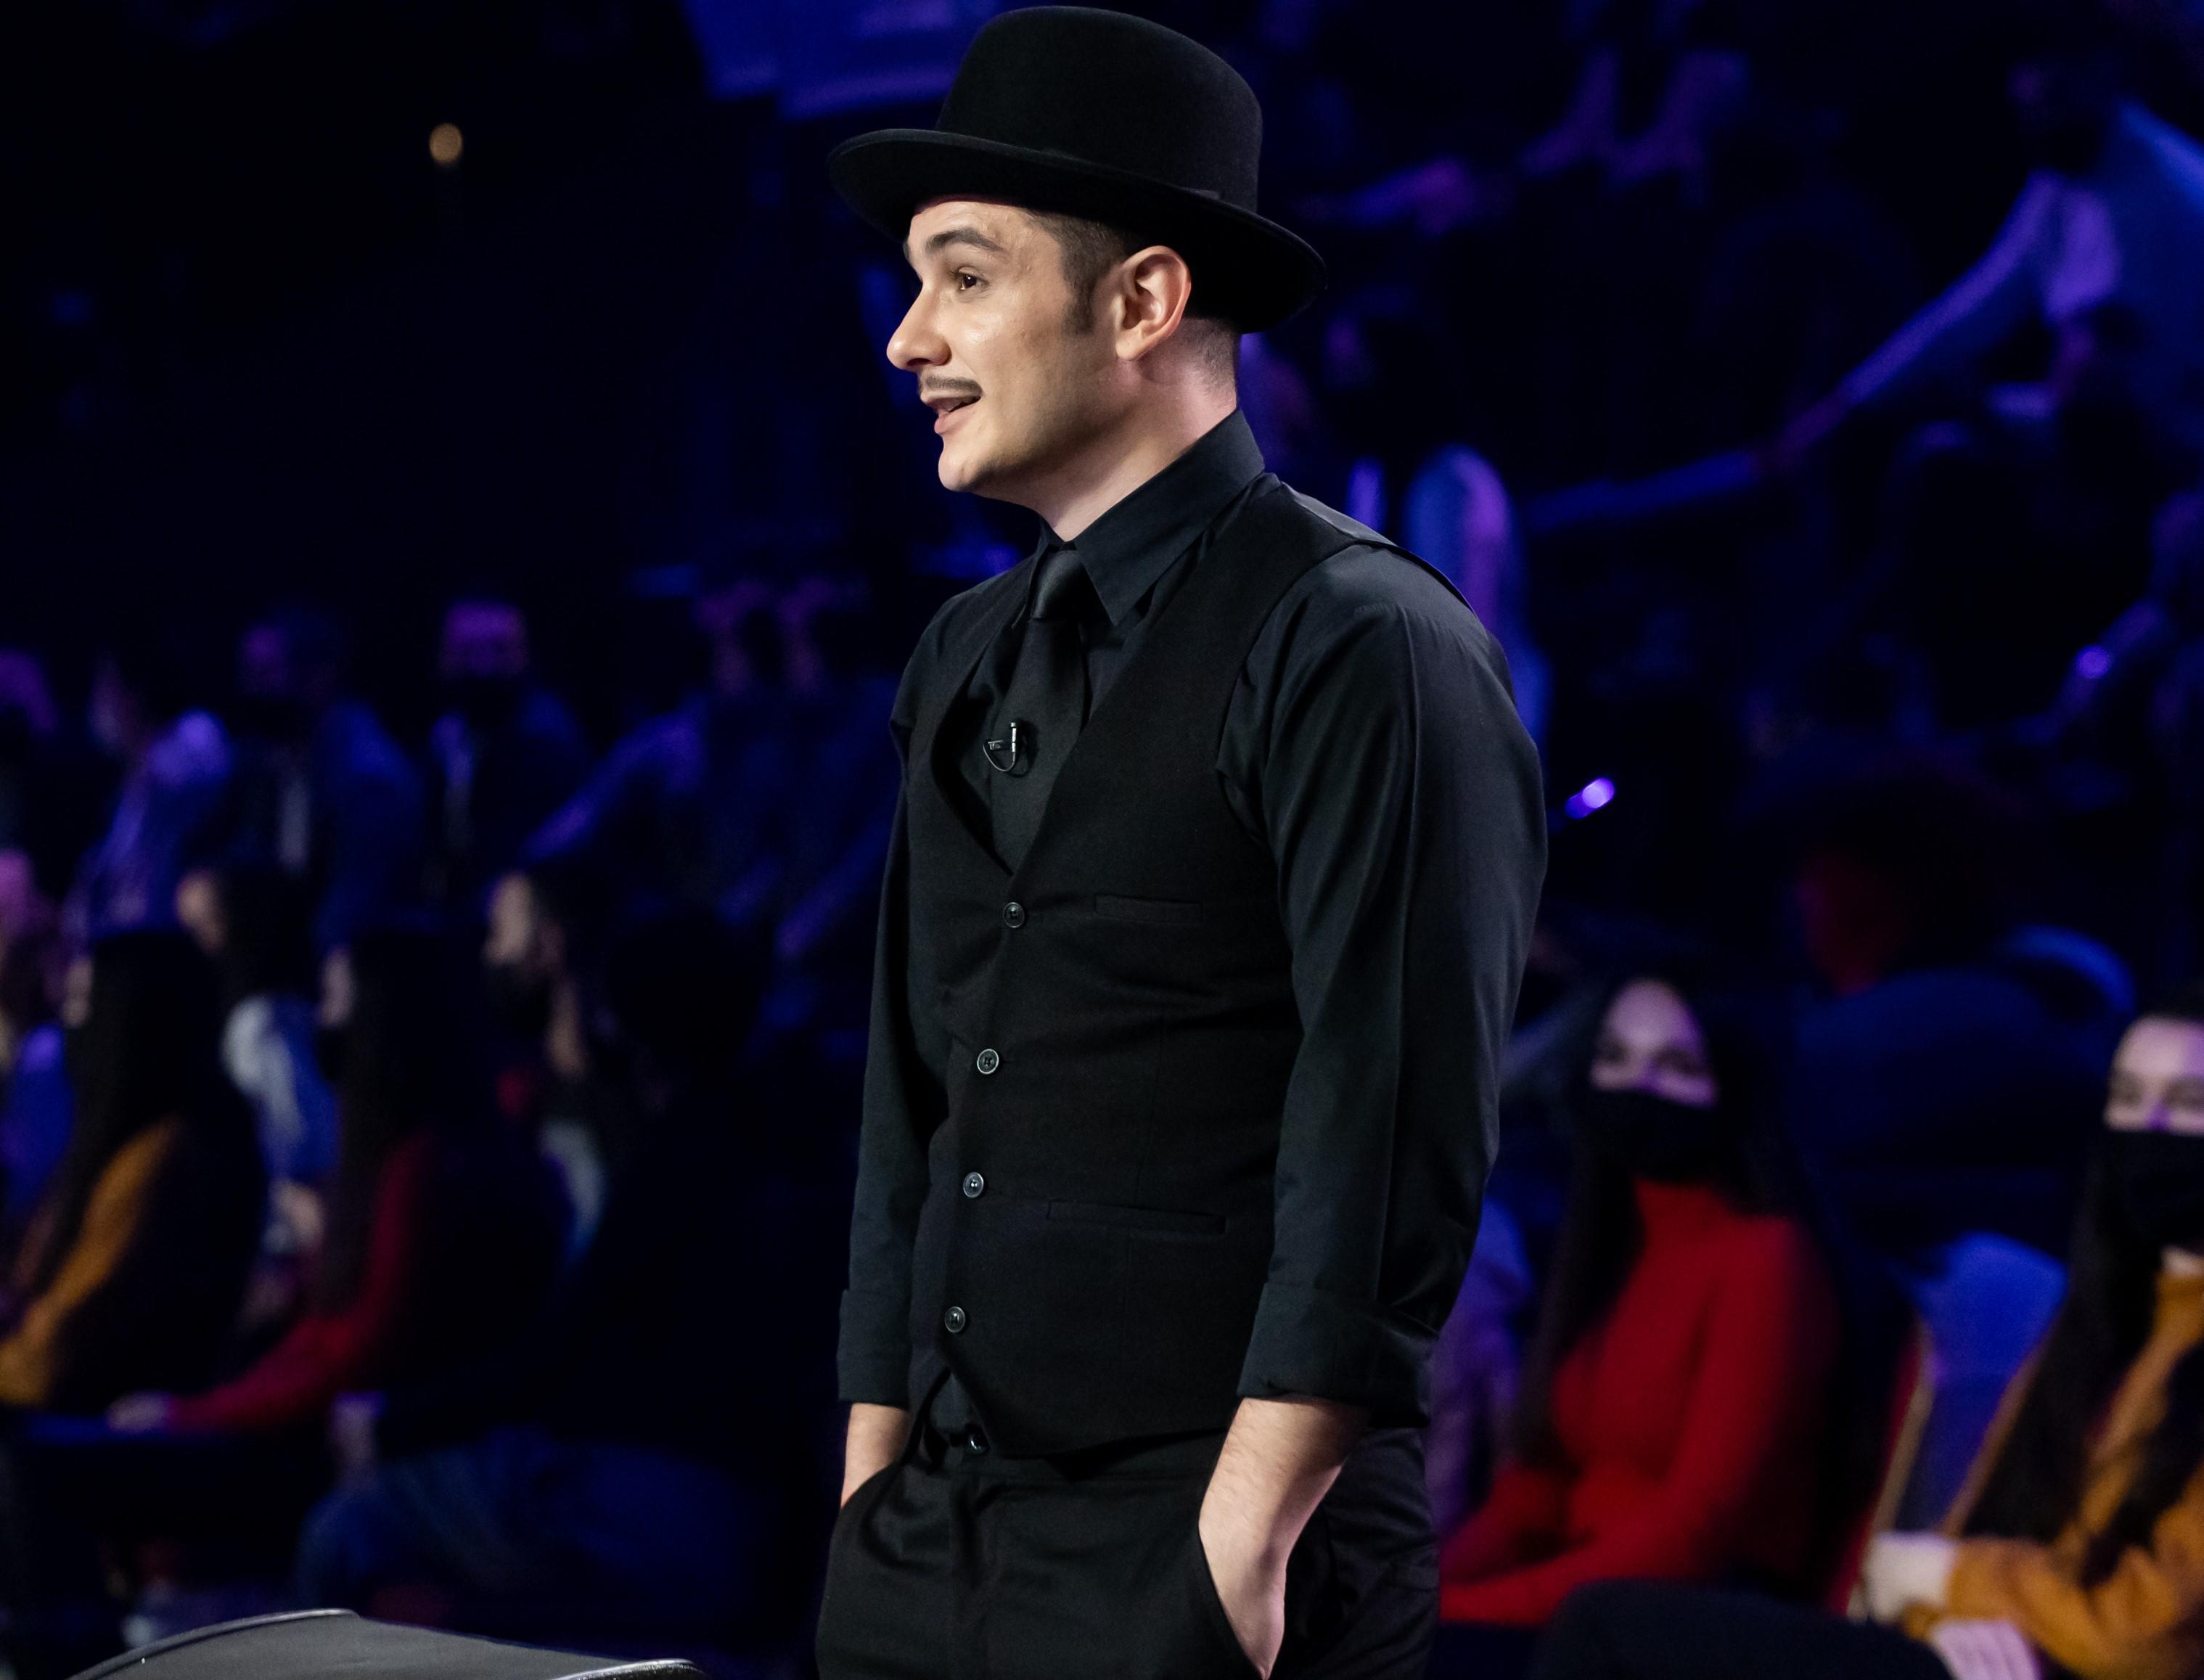 Vlad Drăgulin prezintă iMai mult Umor, episodul 2. Hai să vezi ce surprize din culise a pregătit!